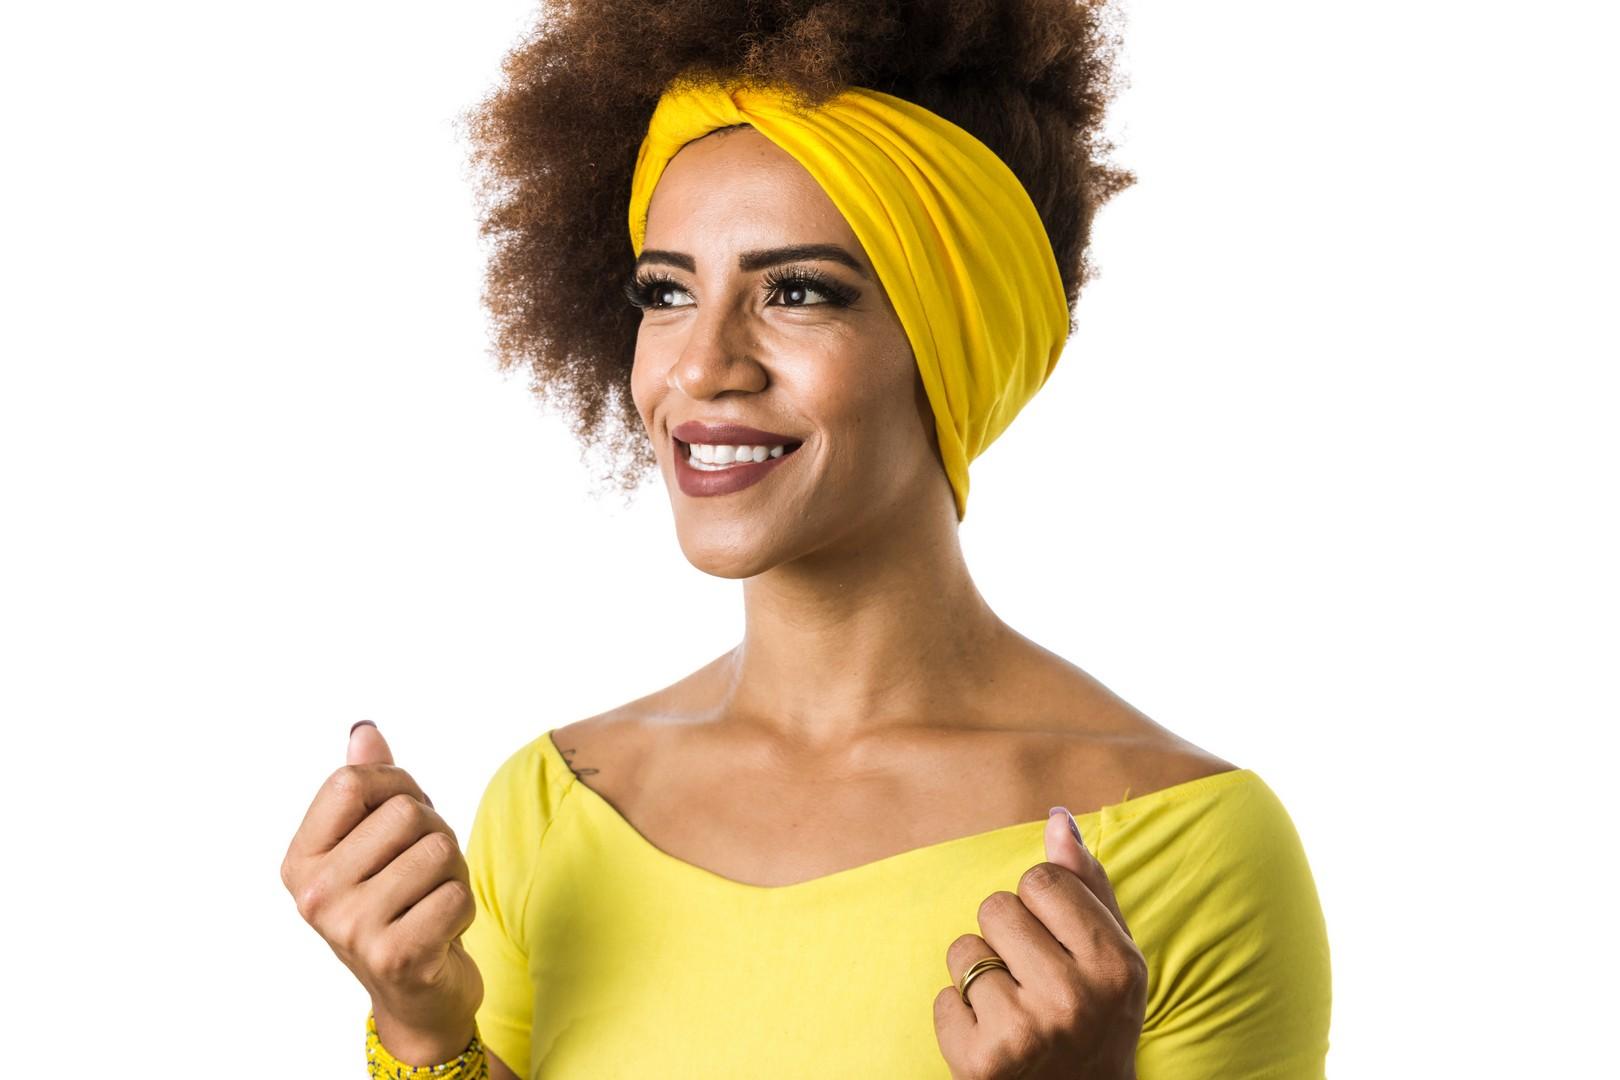 penteados oara fazer em casa 36 - Penteados para fazer em casa: dicas e 80 inspirações